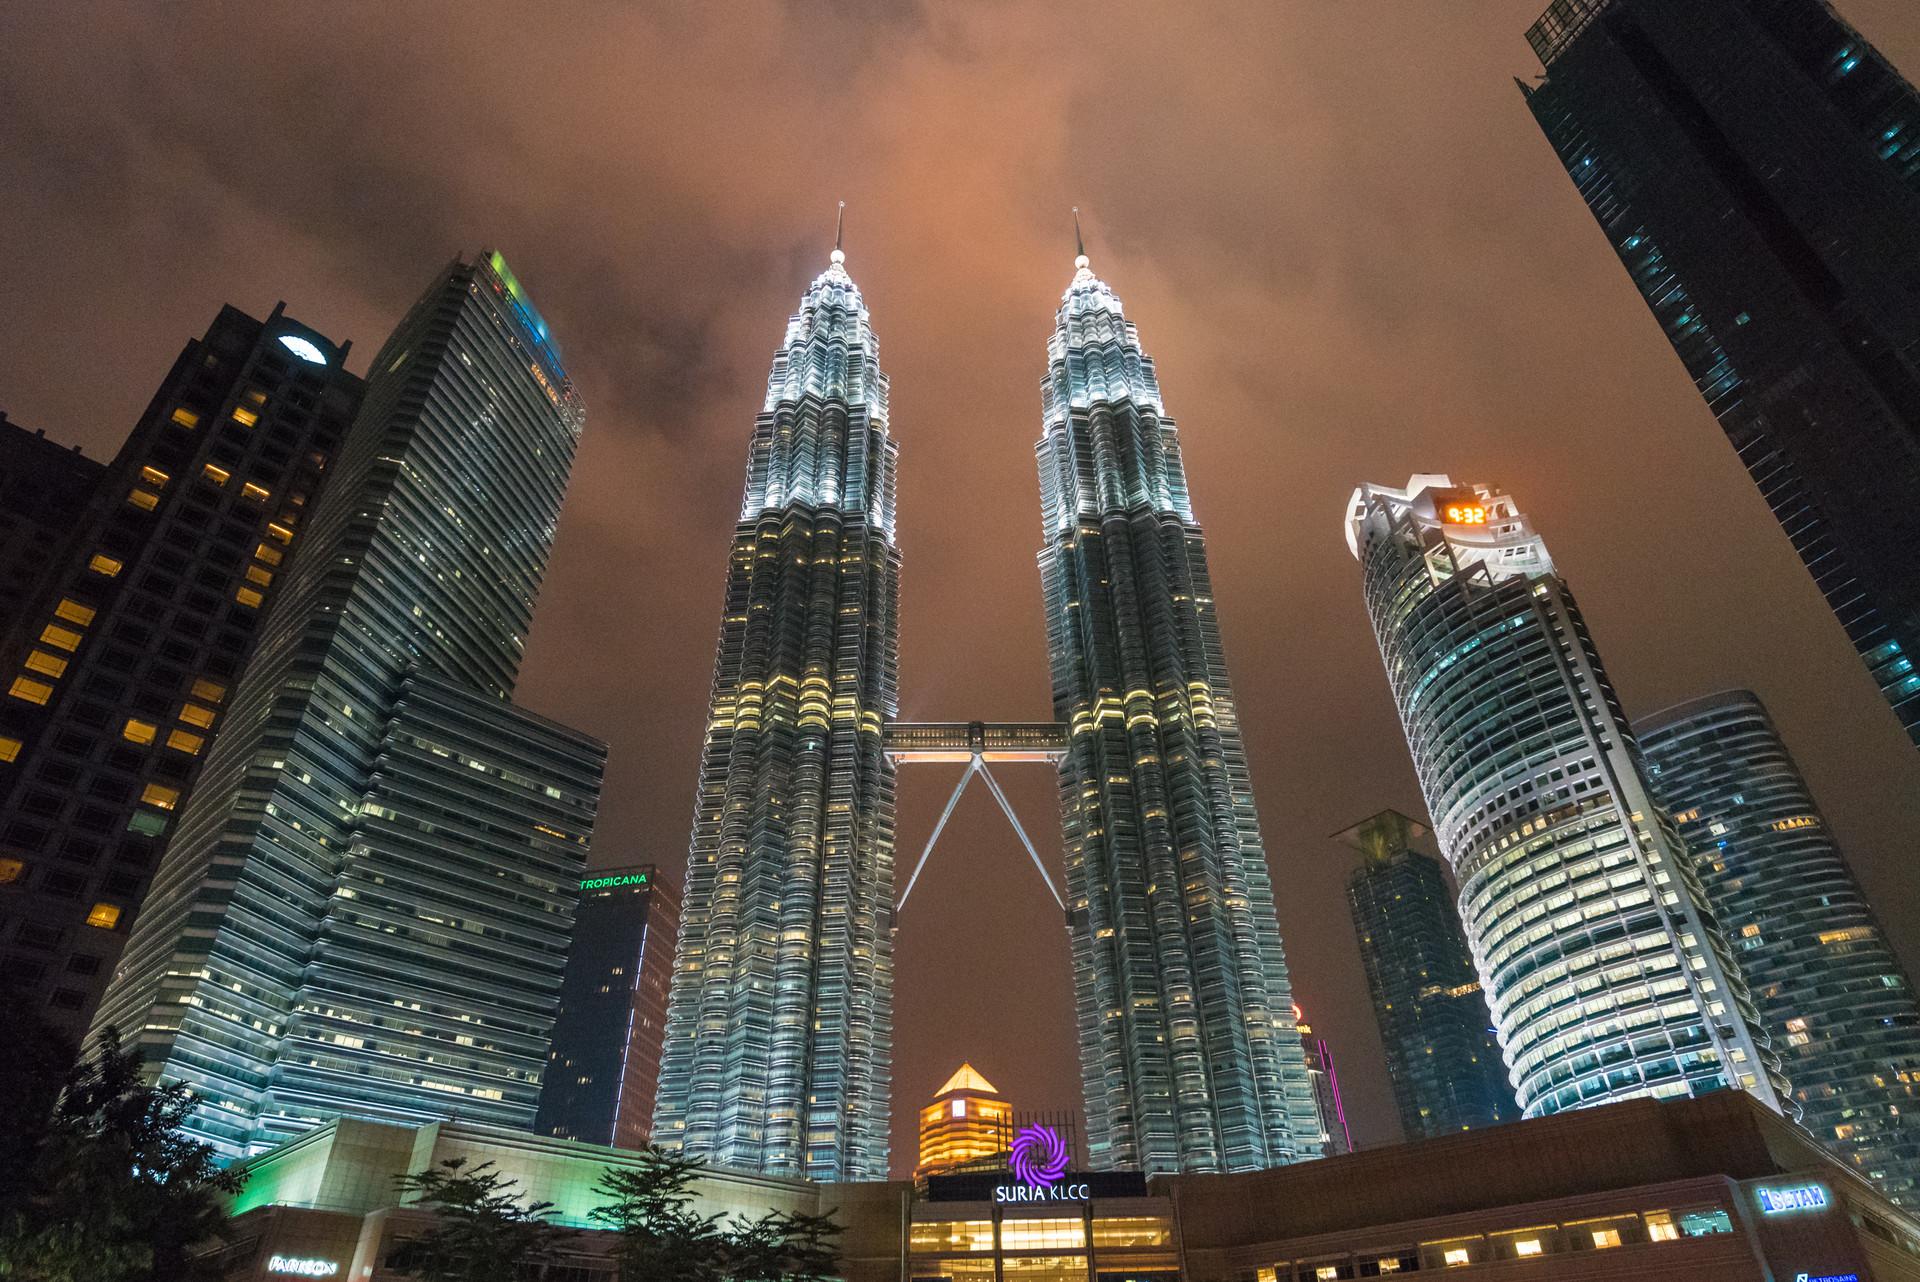 【品质春节游】<新加坡马来西亚、滨海湾云雾林+新加坡游河+湖景下午茶五天双飞>·吉隆坡1晚国际五星